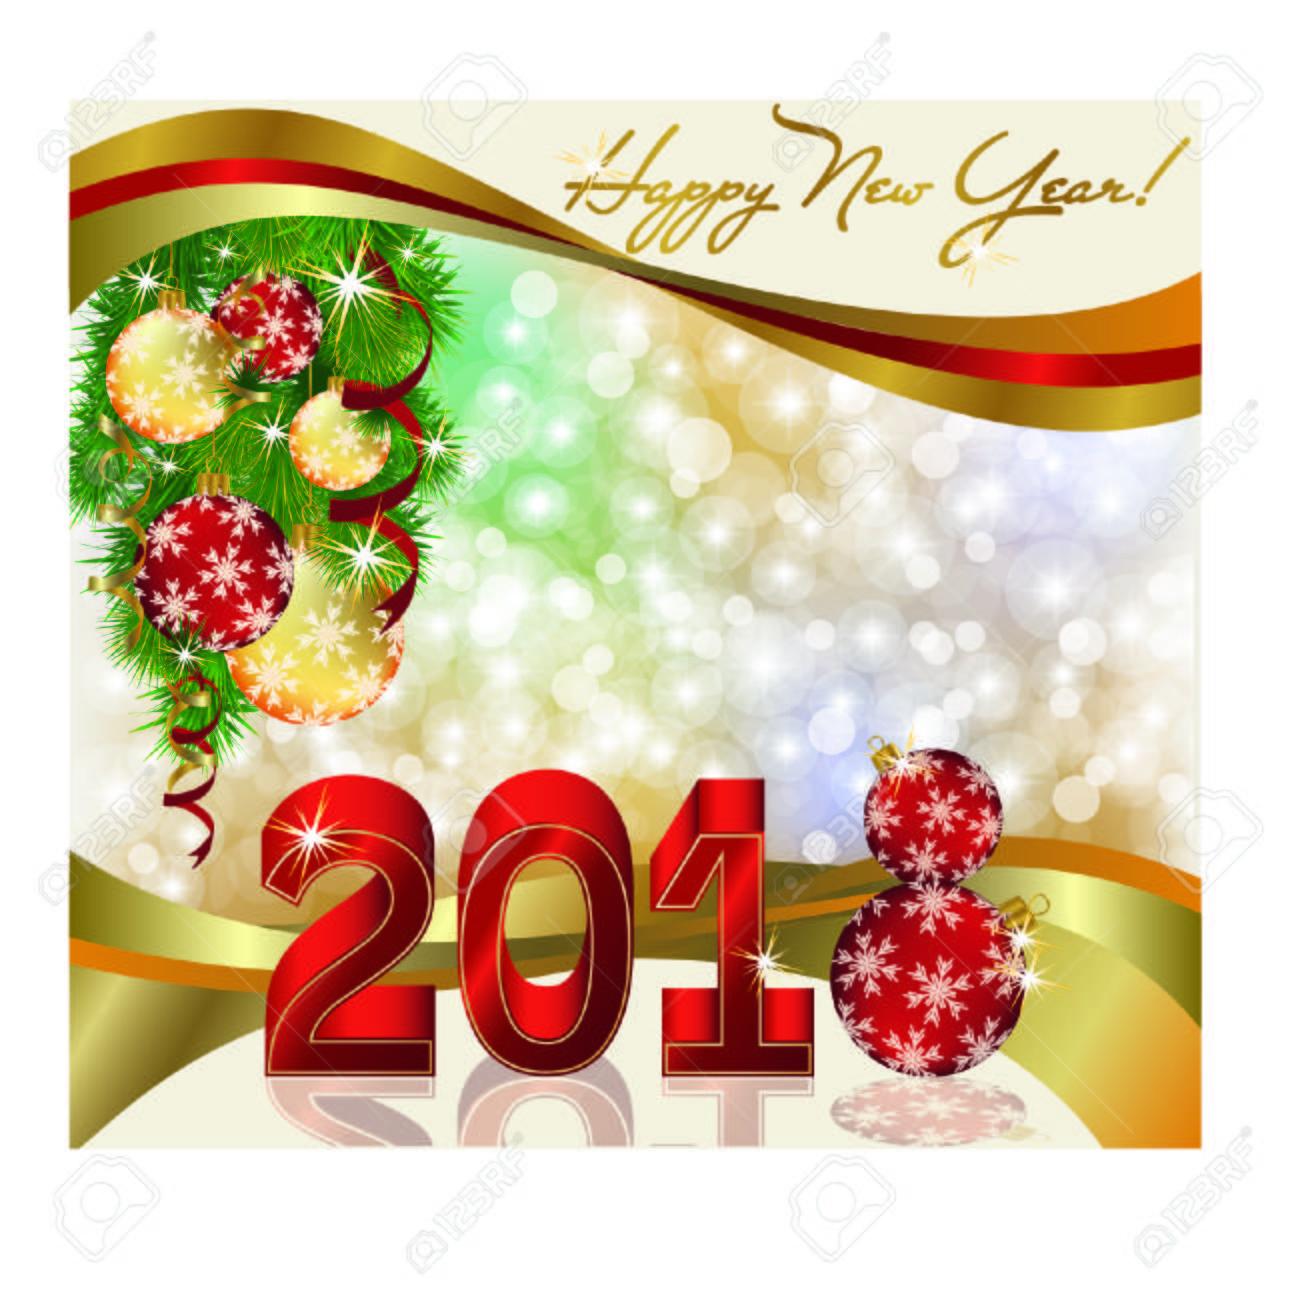 happy new year 2018 invitation card stock vector 88335222